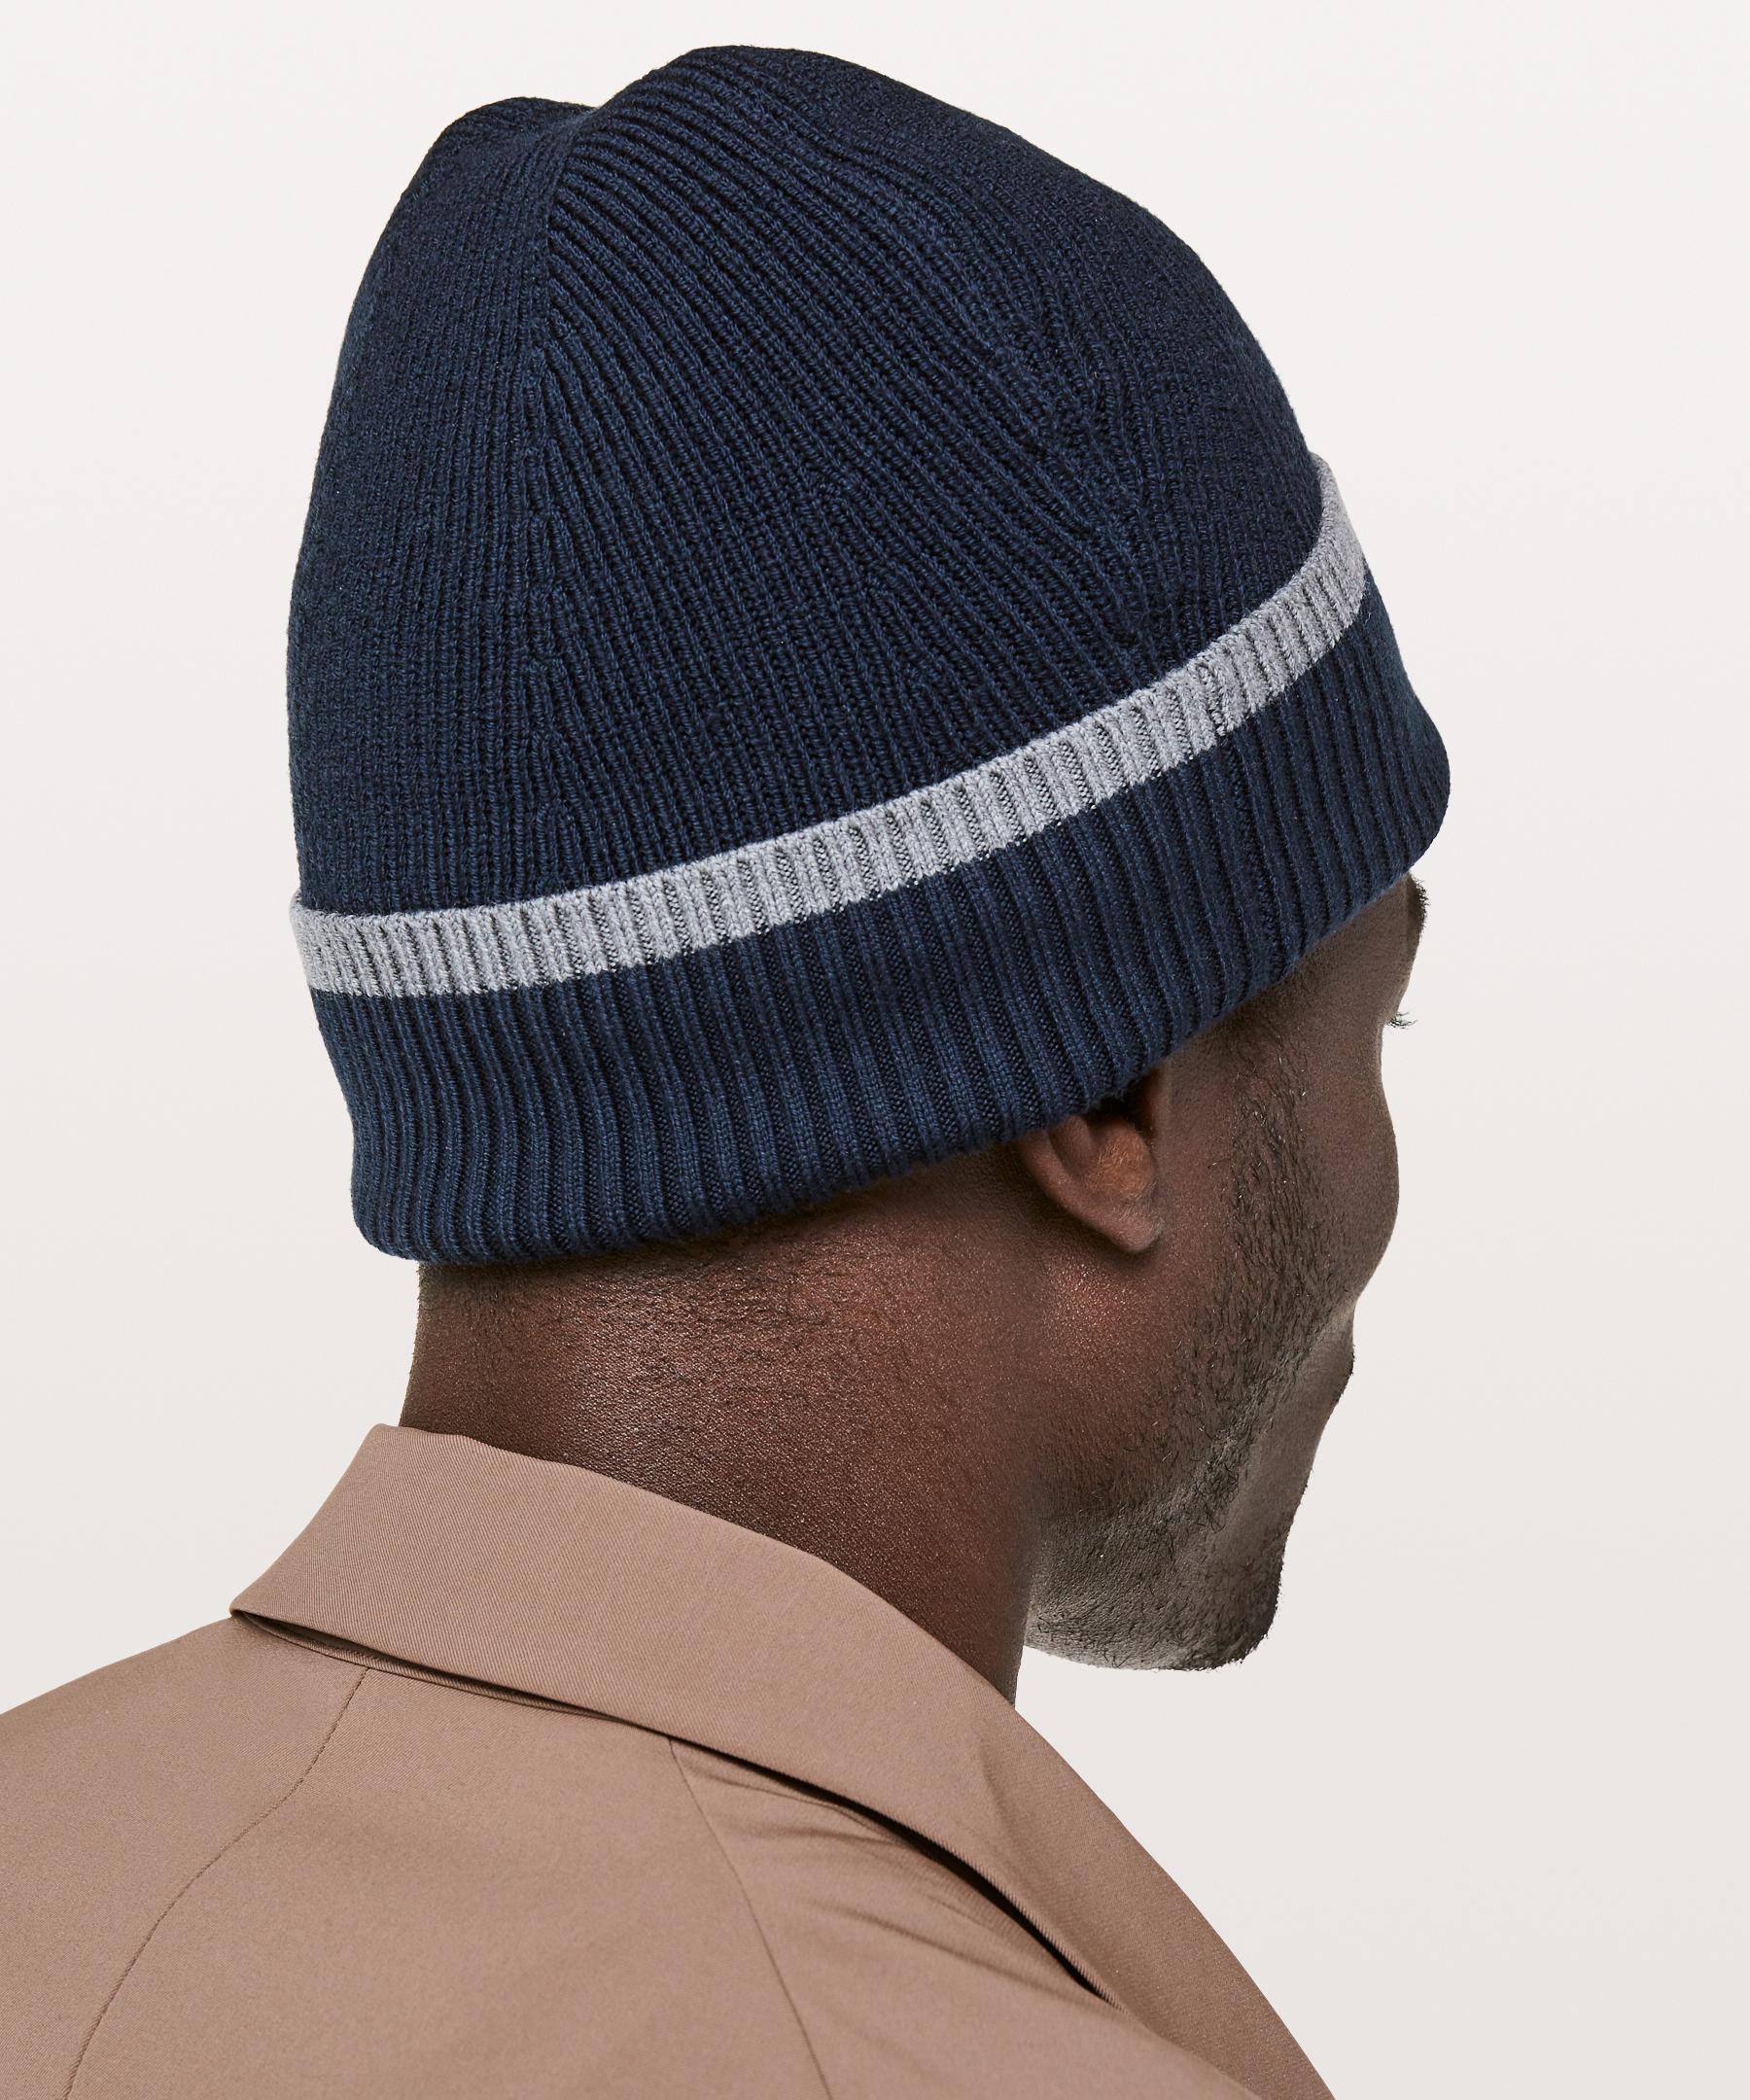 c110a382e9c1a lululemon athletica - Blue Cold Pursuit Knit Beanie for Men - Lyst. View  fullscreen